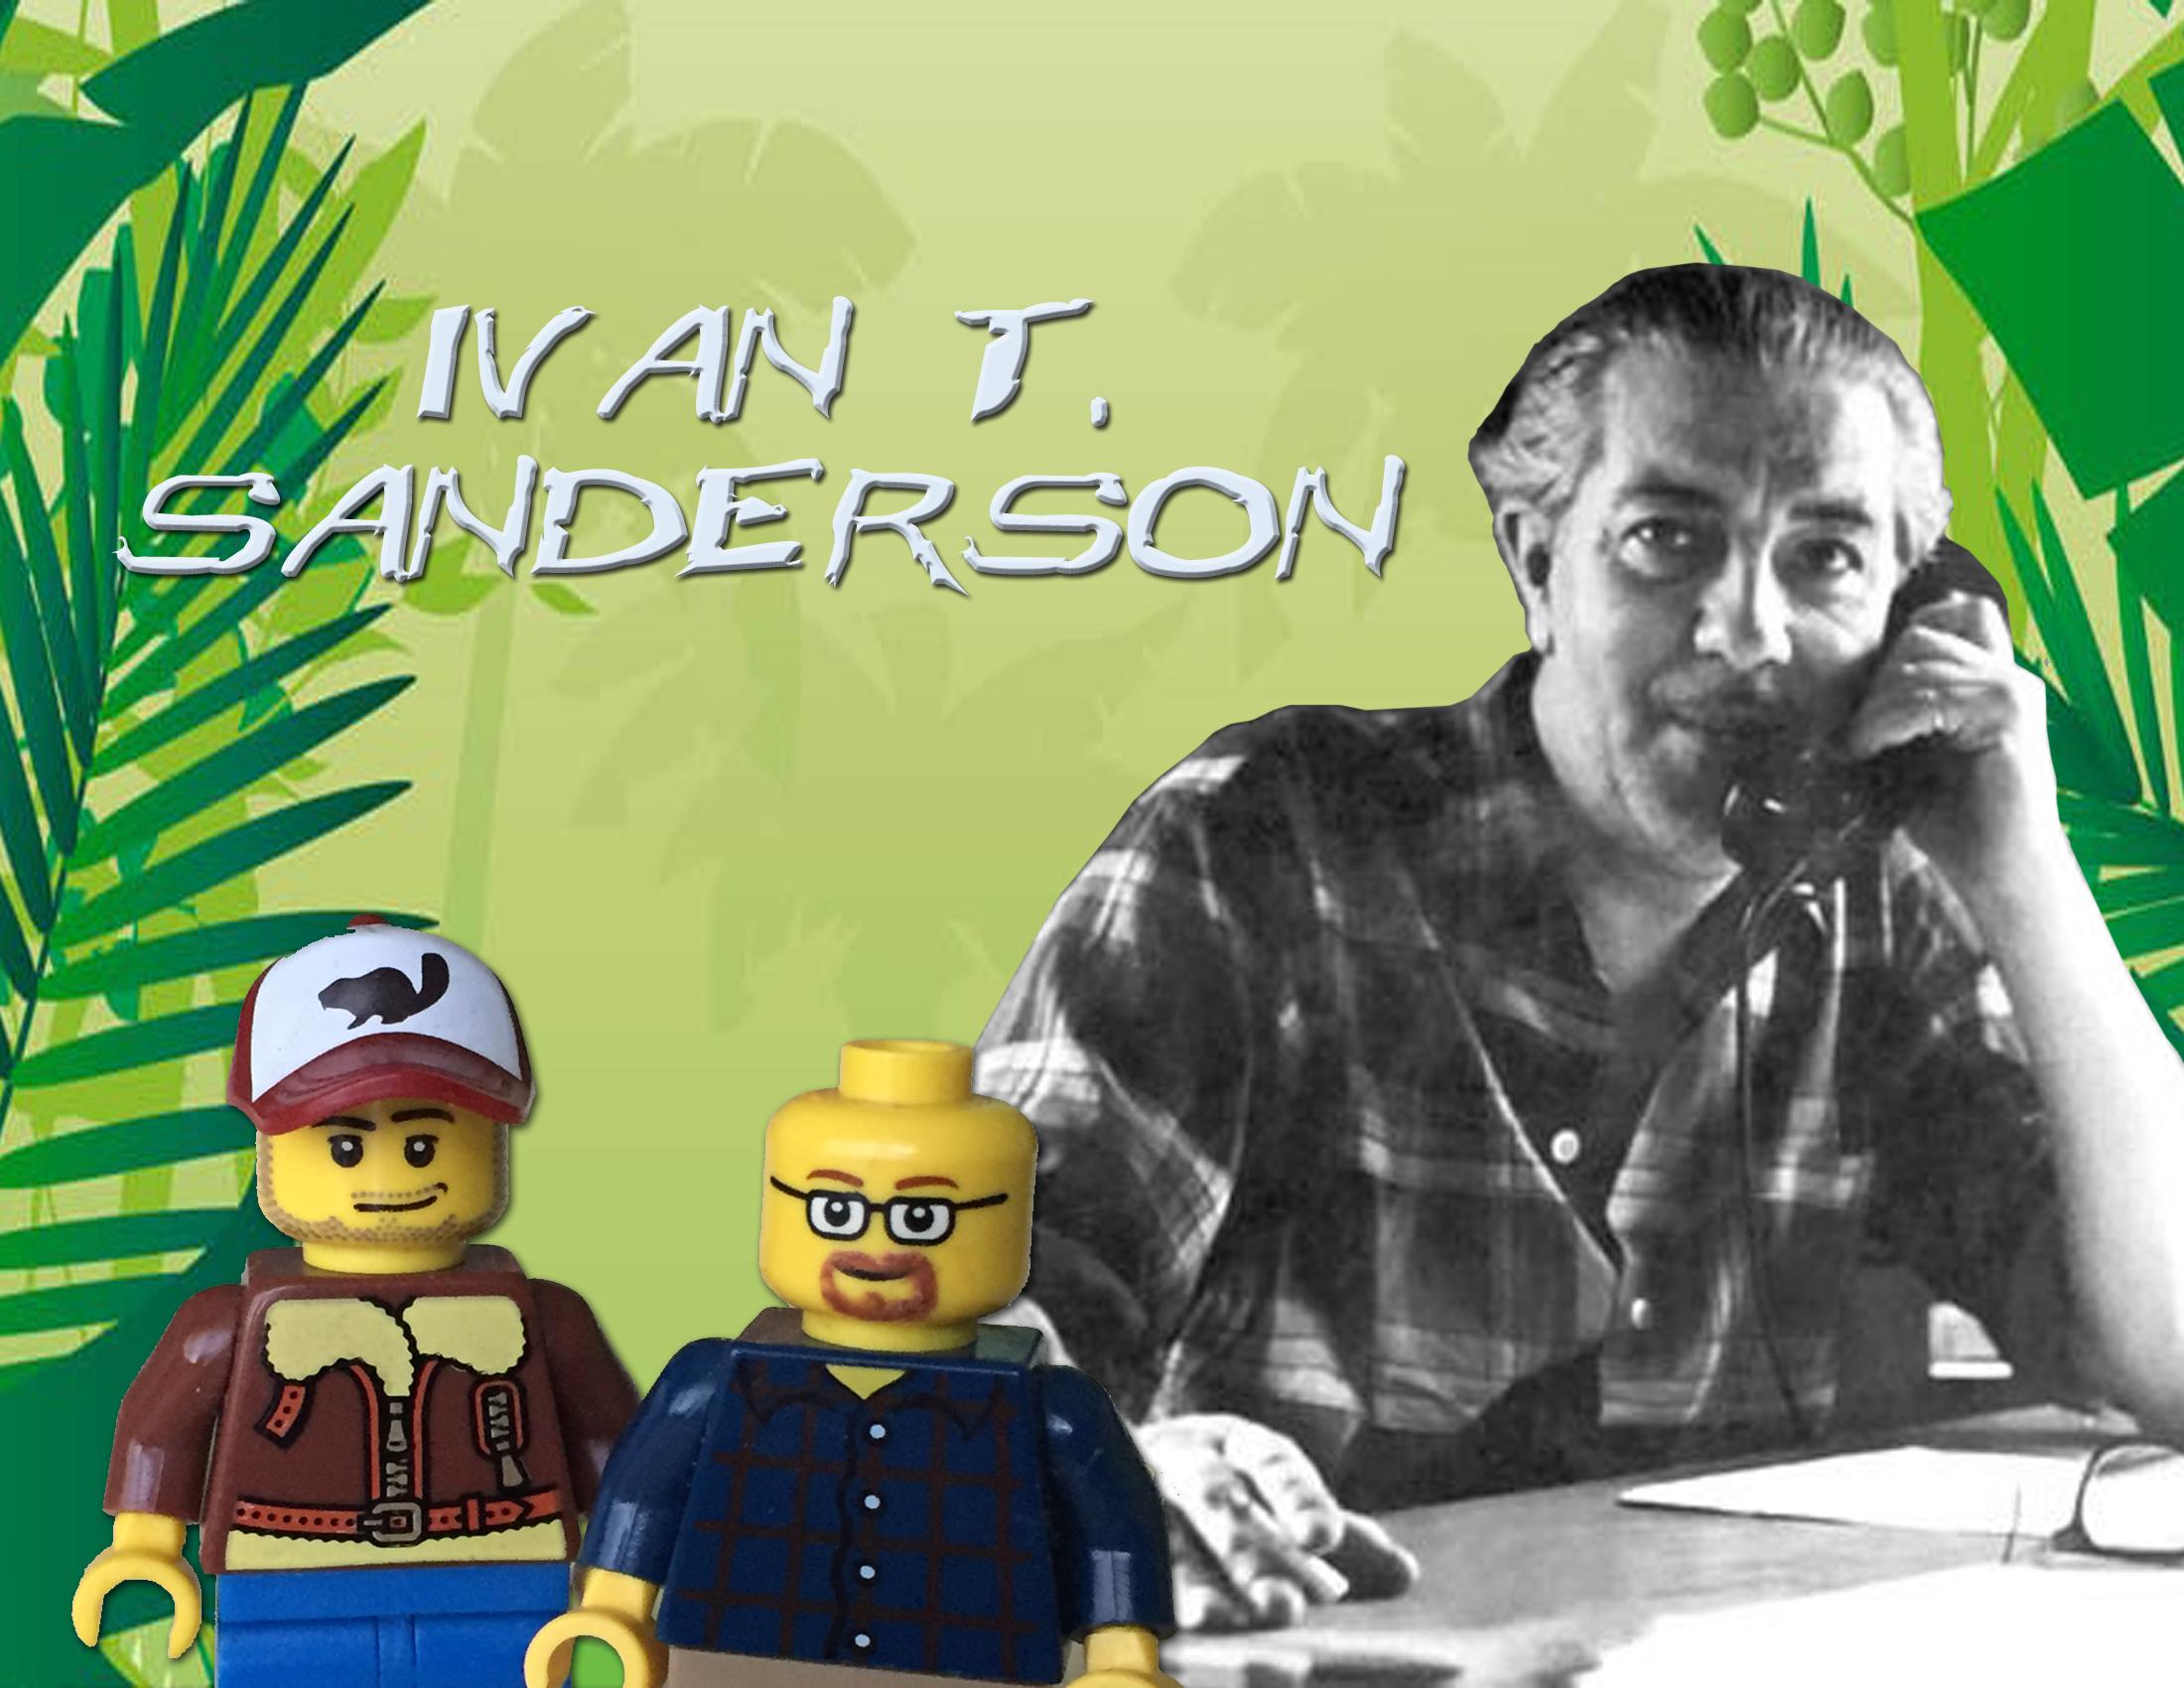 Ivan T Sanderson